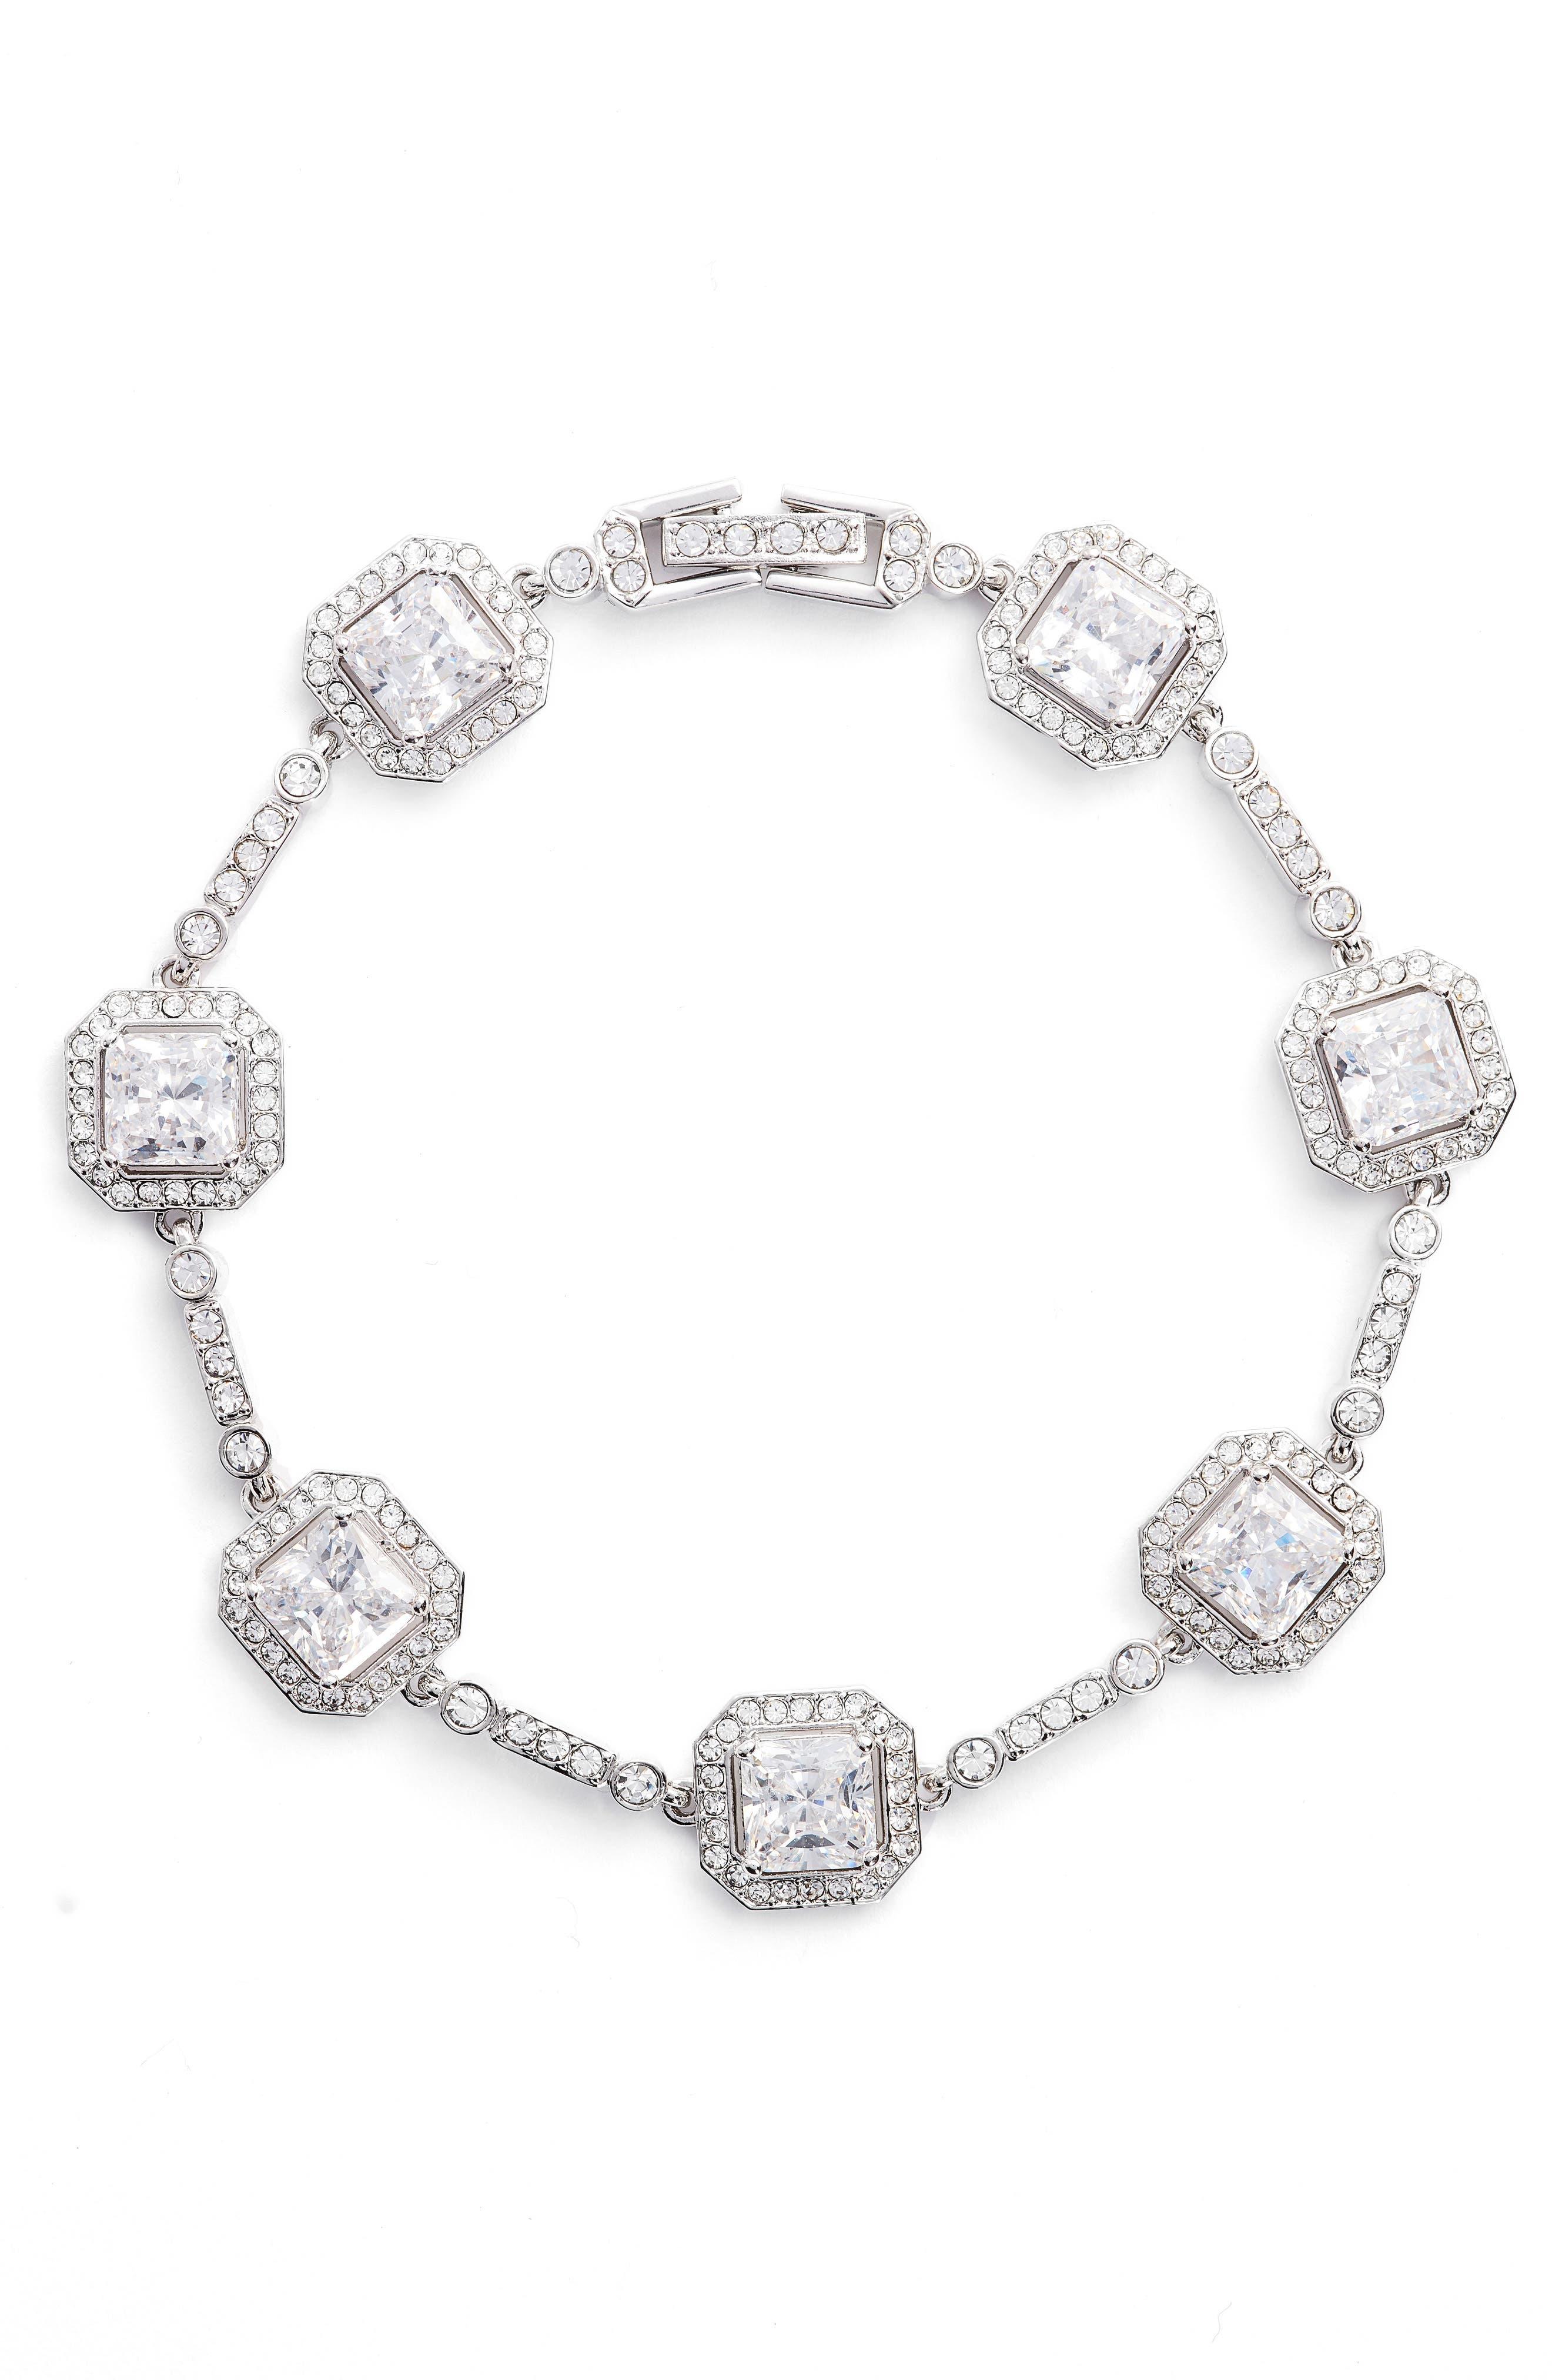 Cubic Zirconia Bracelet,                             Main thumbnail 1, color,                             Silver